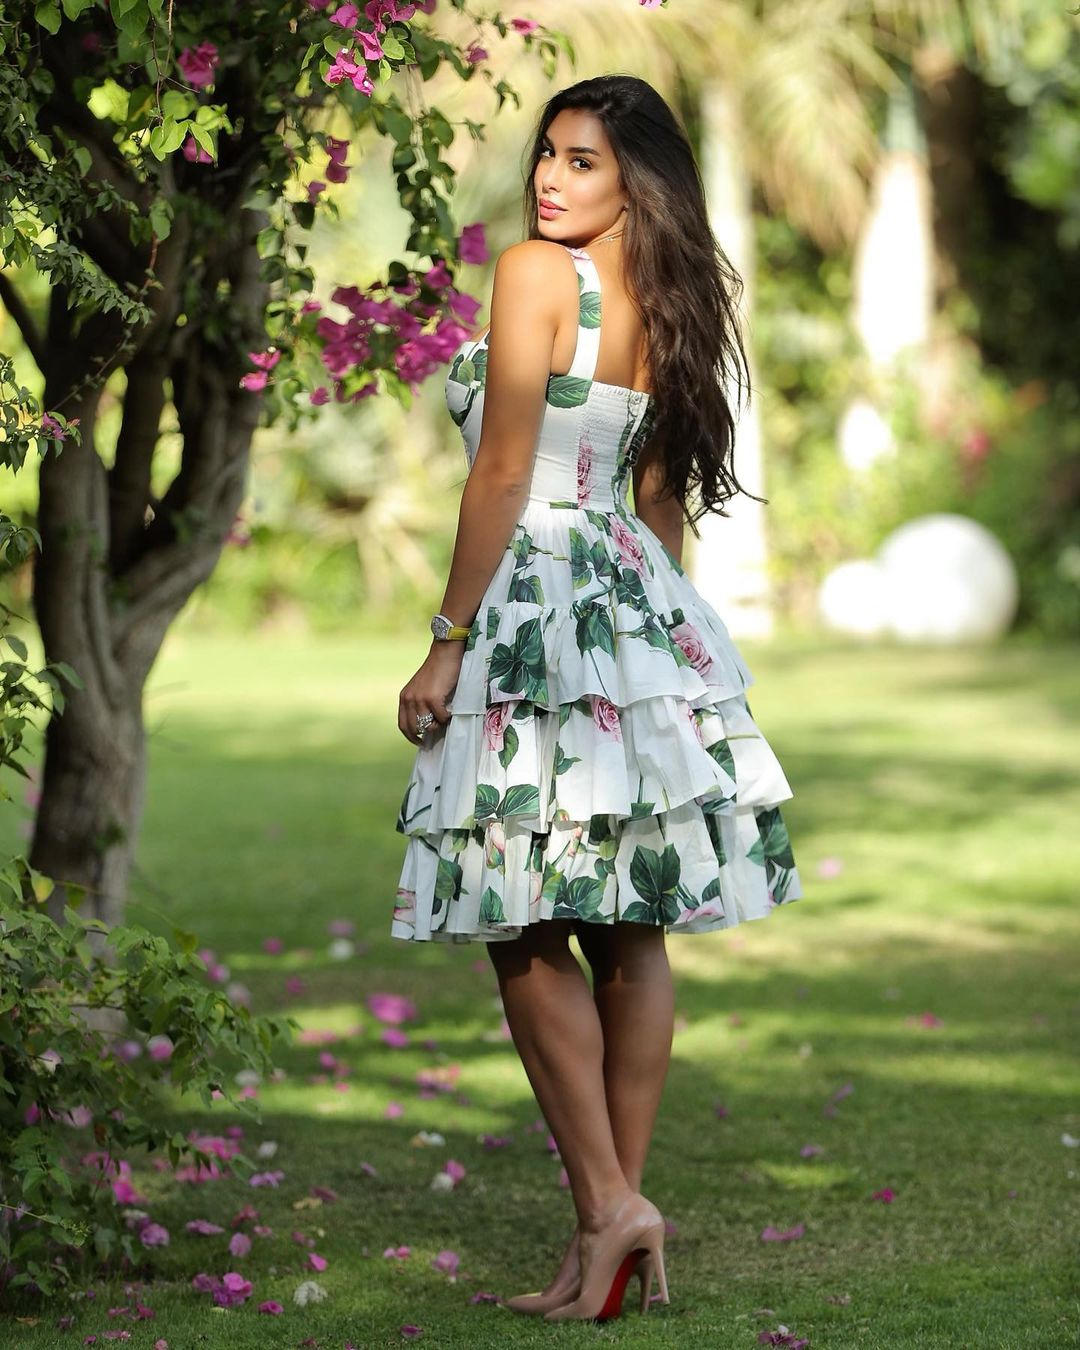 صورة ٣ ياسمين صبري بفستان مُطبع باللون الأخضر الصورة من حسابها على انستغرام